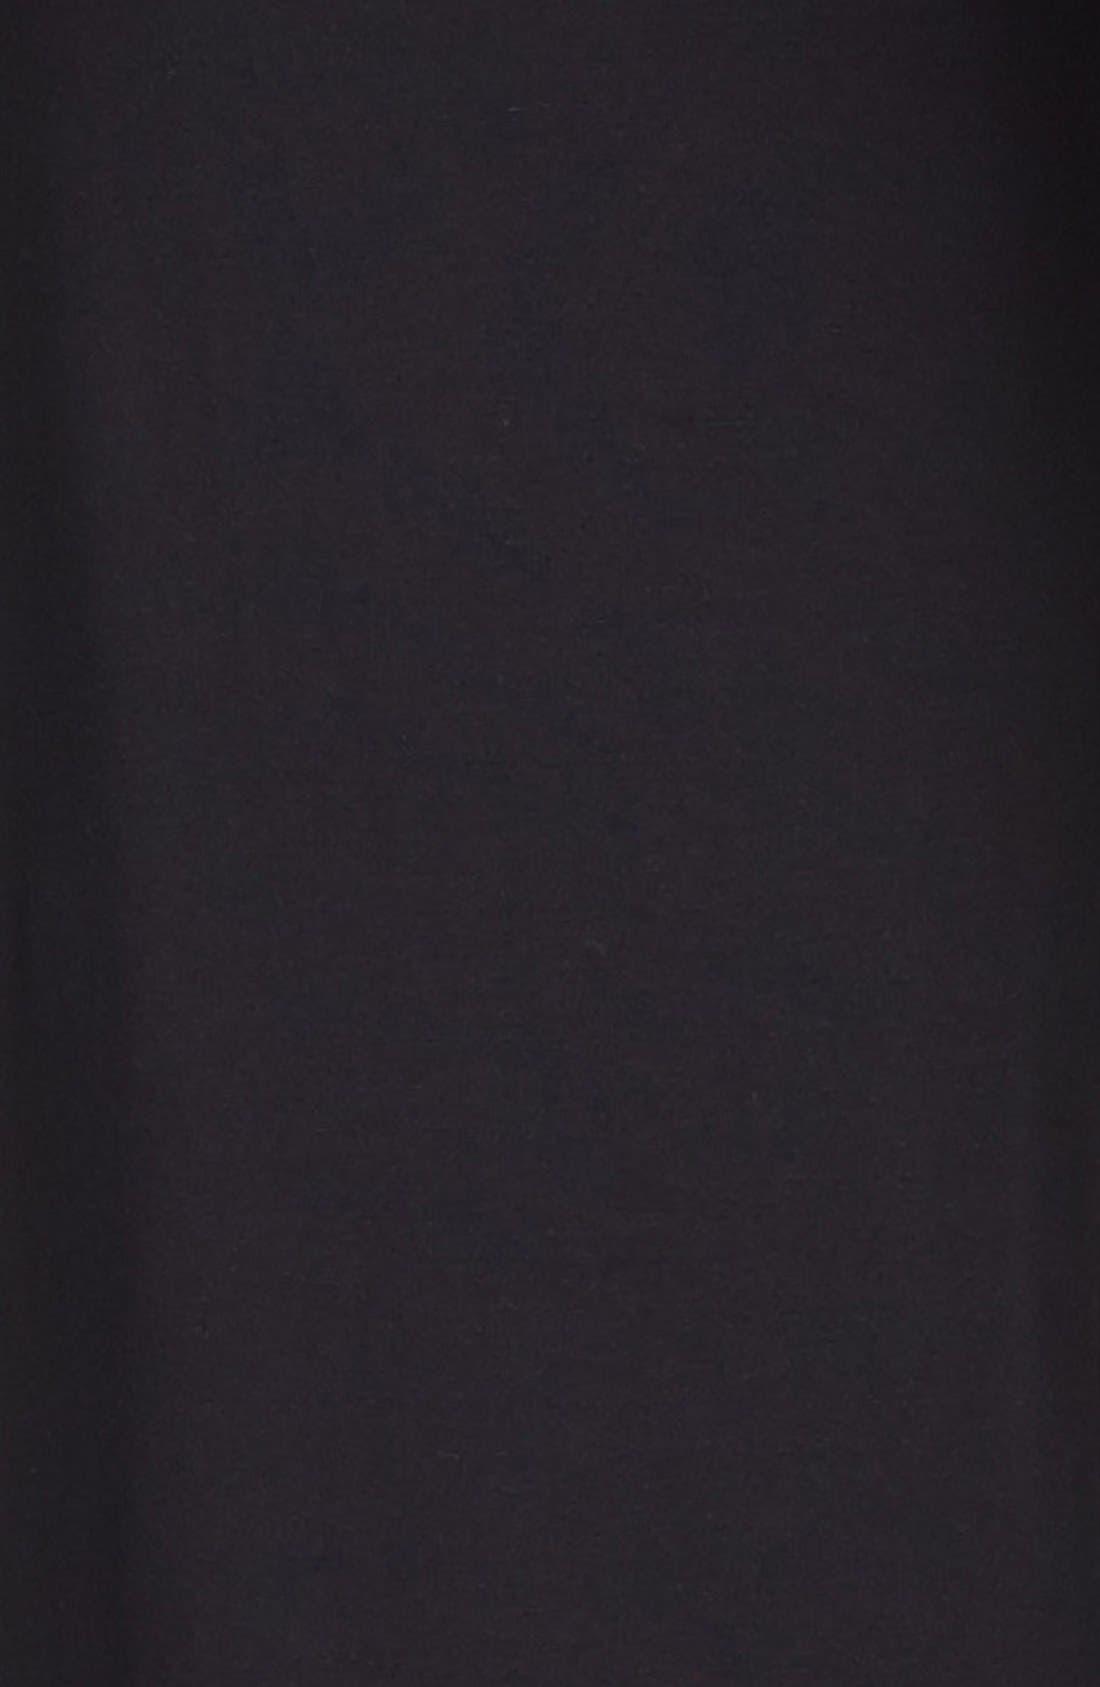 Knit Flare Leg Maternity Pants,                             Alternate thumbnail 6, color,                             BLACK